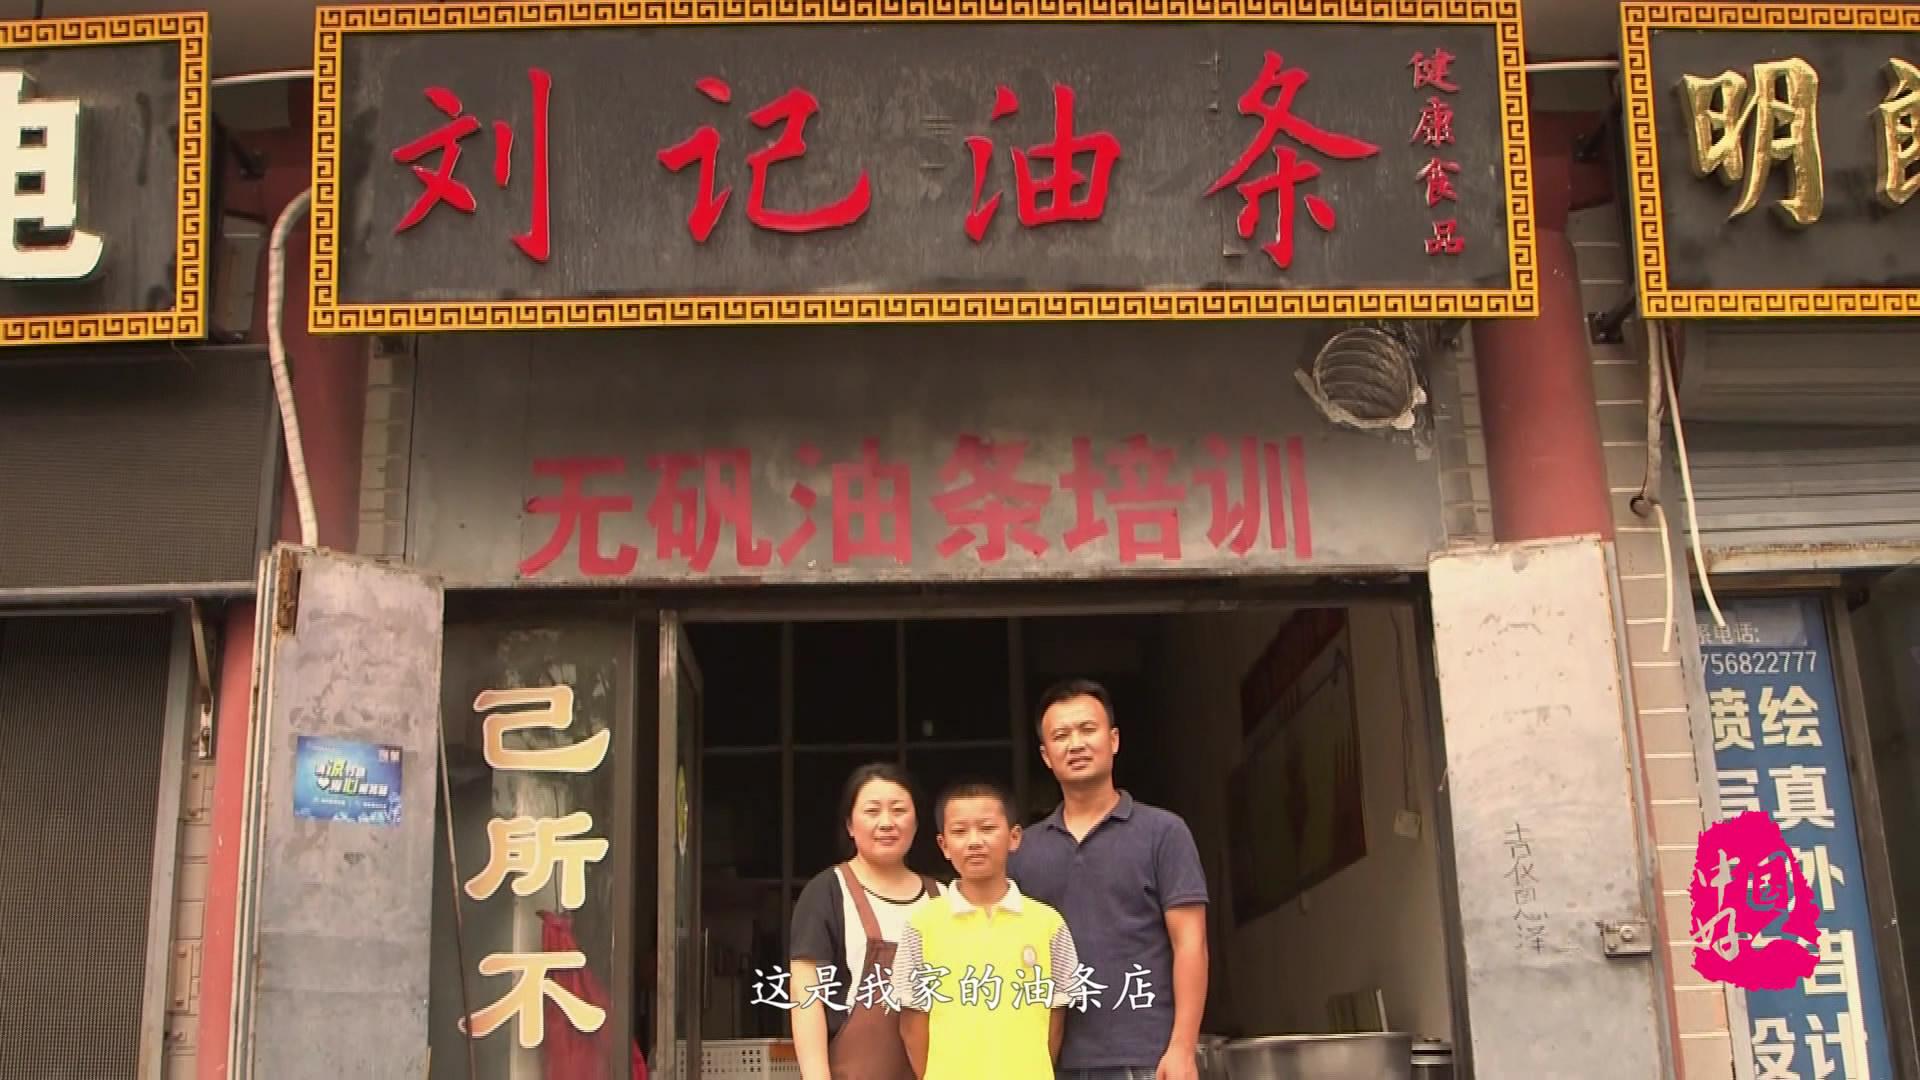 亳州中国好人油条夫妻-红定版-[00_00_04][20181211-085631-0].JPG